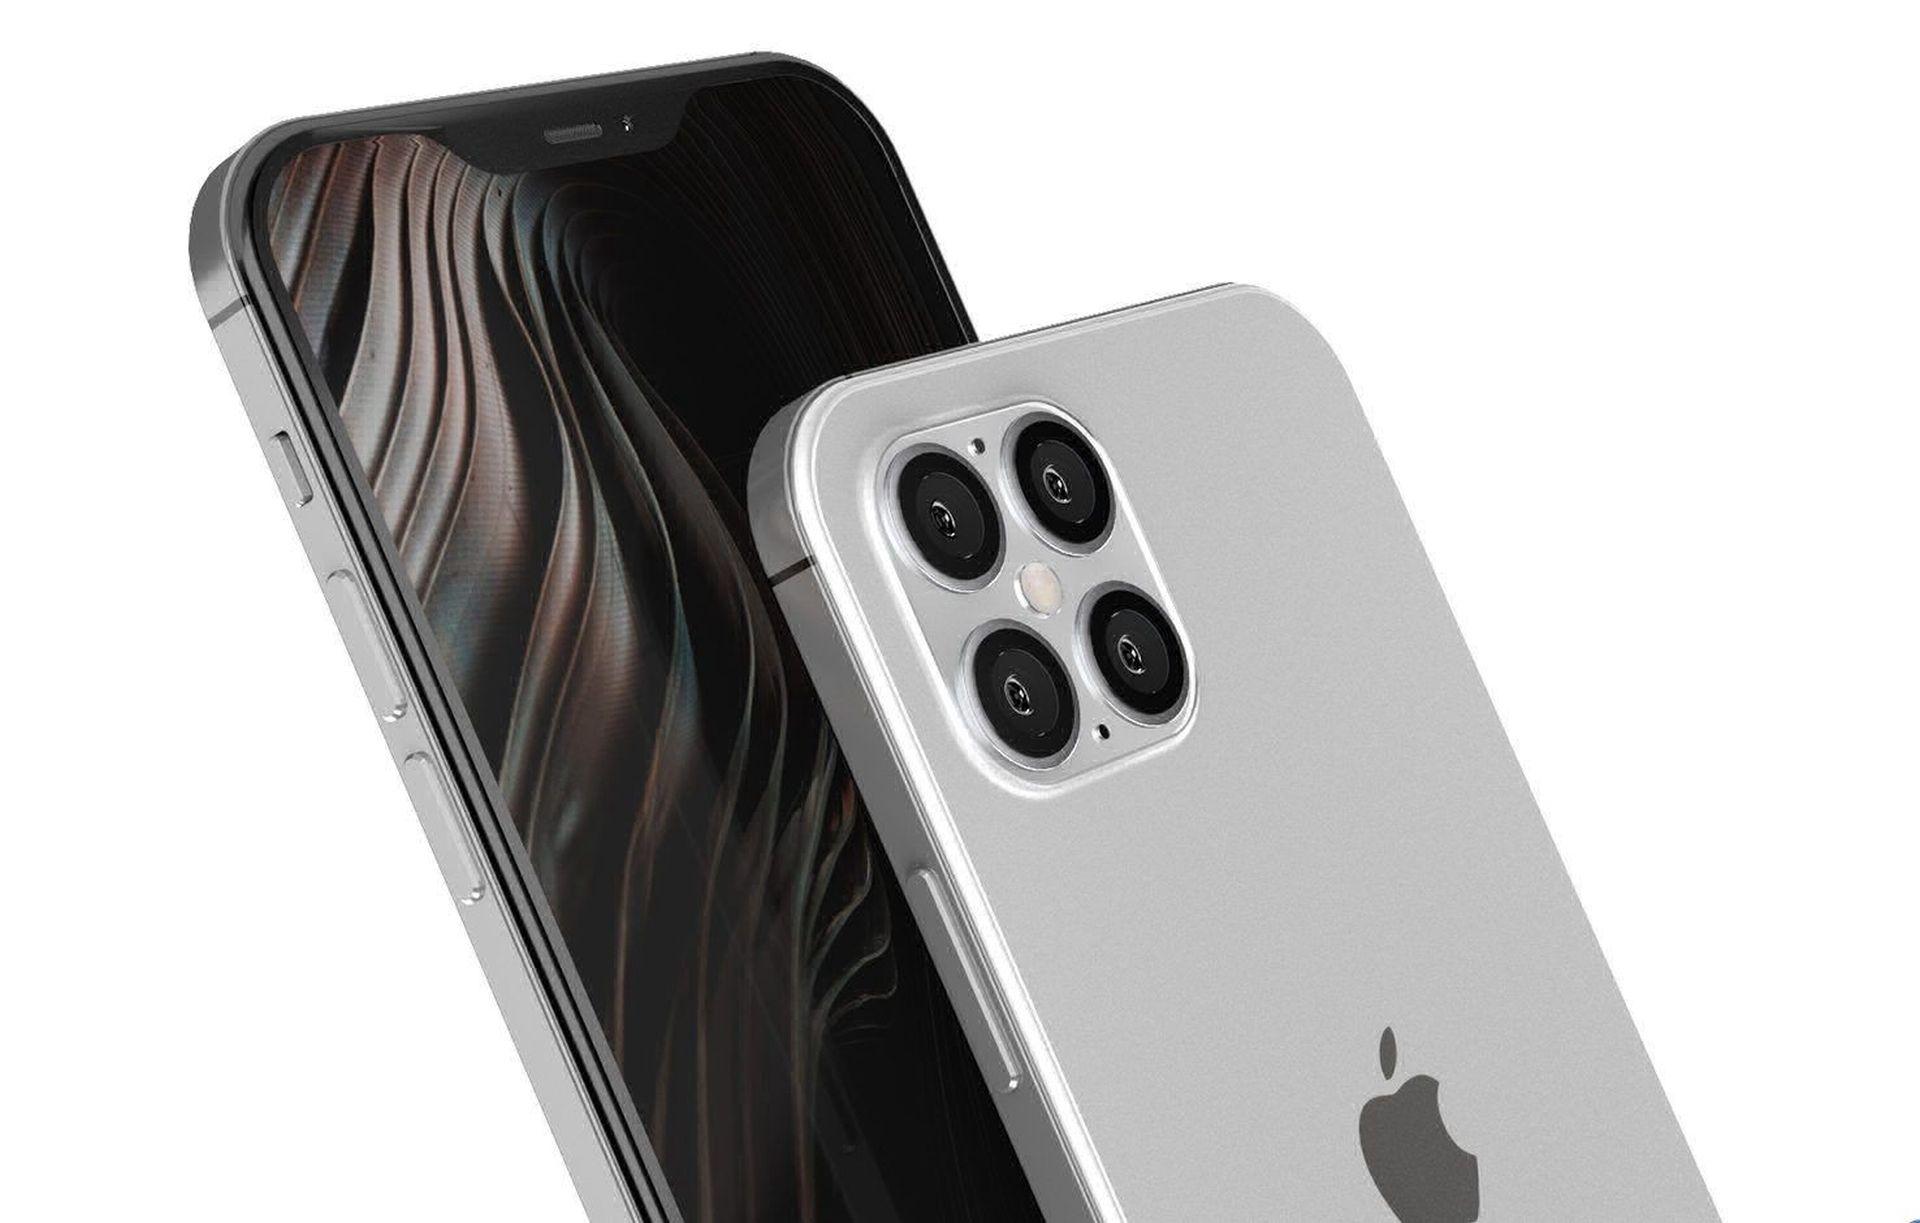 Ustawienia systemowe iPhone'a 12 Pro na zrzutach ekranu